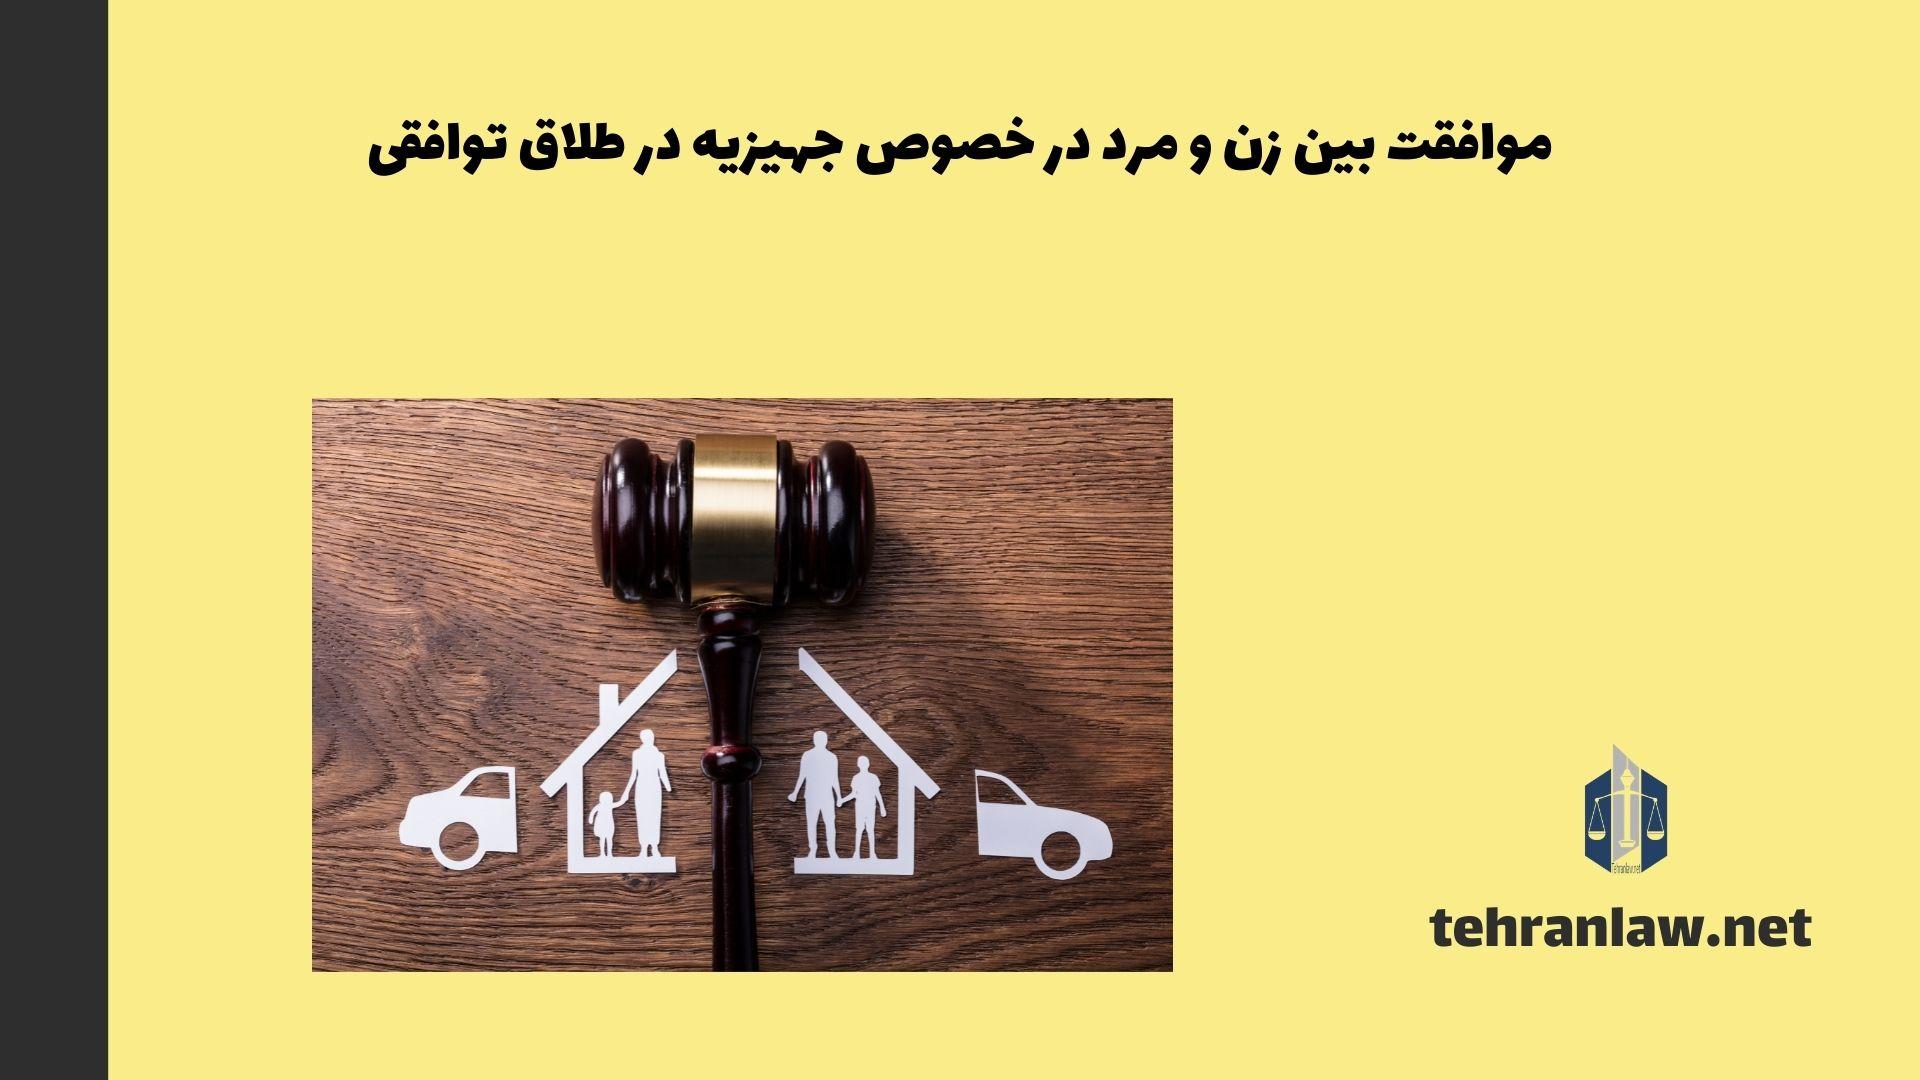 موافقت بین زن و مرد در خصوص جهیزیه در طلاق توافقی